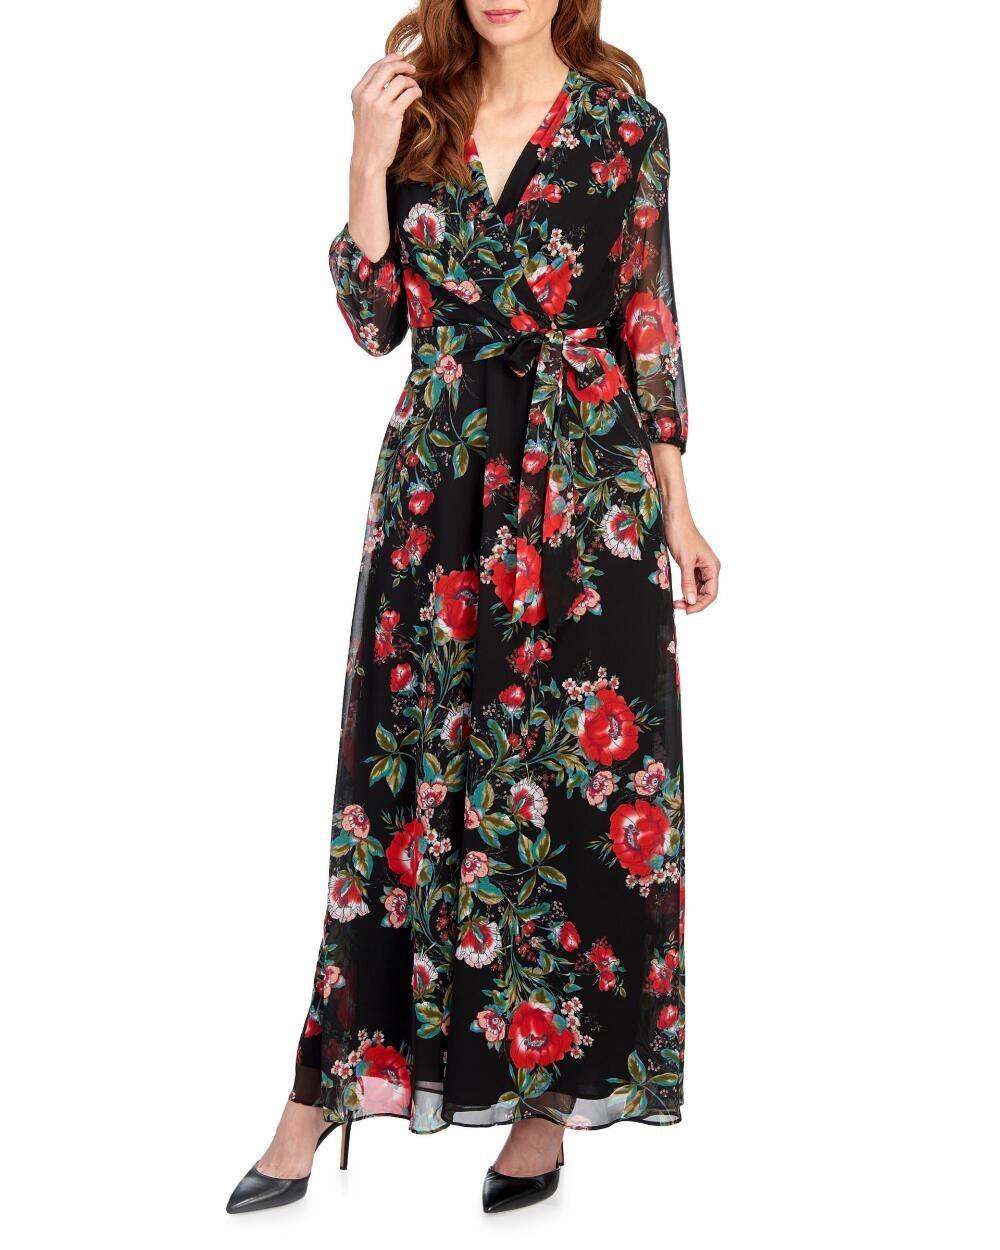 Floral Wrap Maxi Dress Stein Mart Floral Wrap Maxi Dress Maxi Wrap Dress Maxi Dress [ 1250 x 1000 Pixel ]